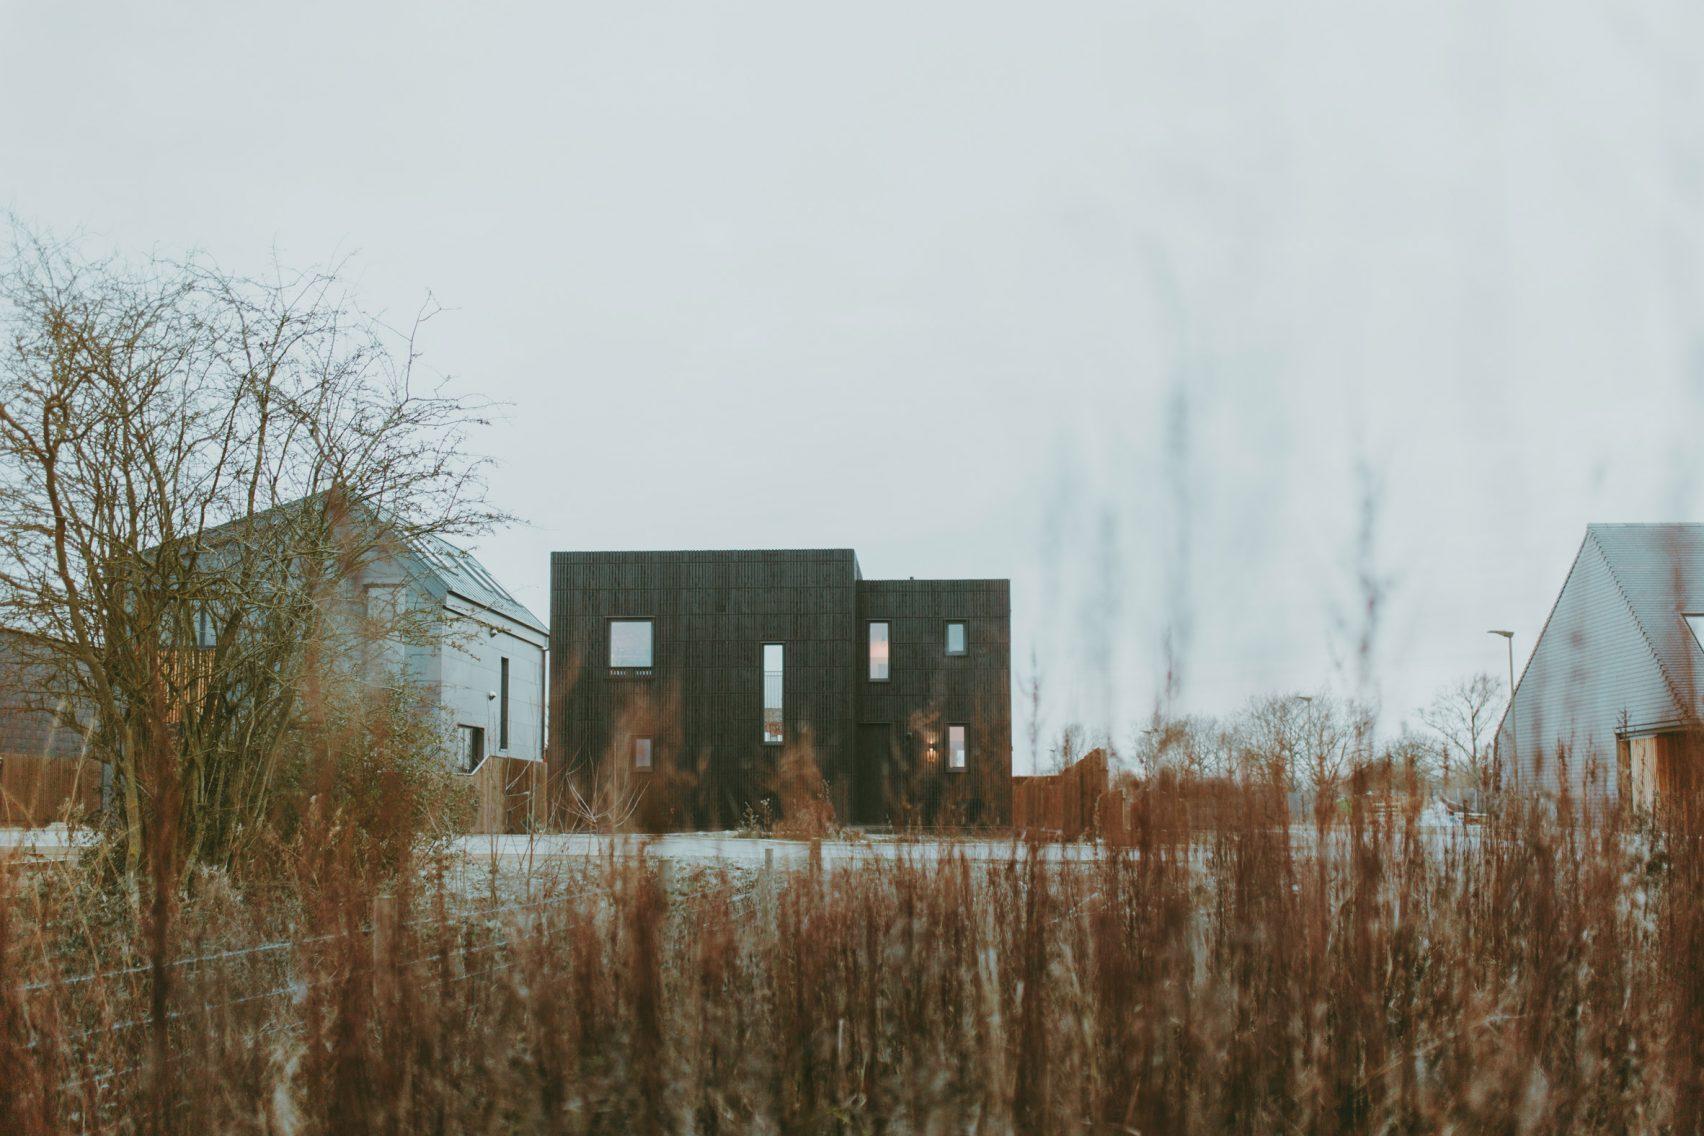 位于伦敦的Studio Bark提出U-Build的模块化木材建筑系统